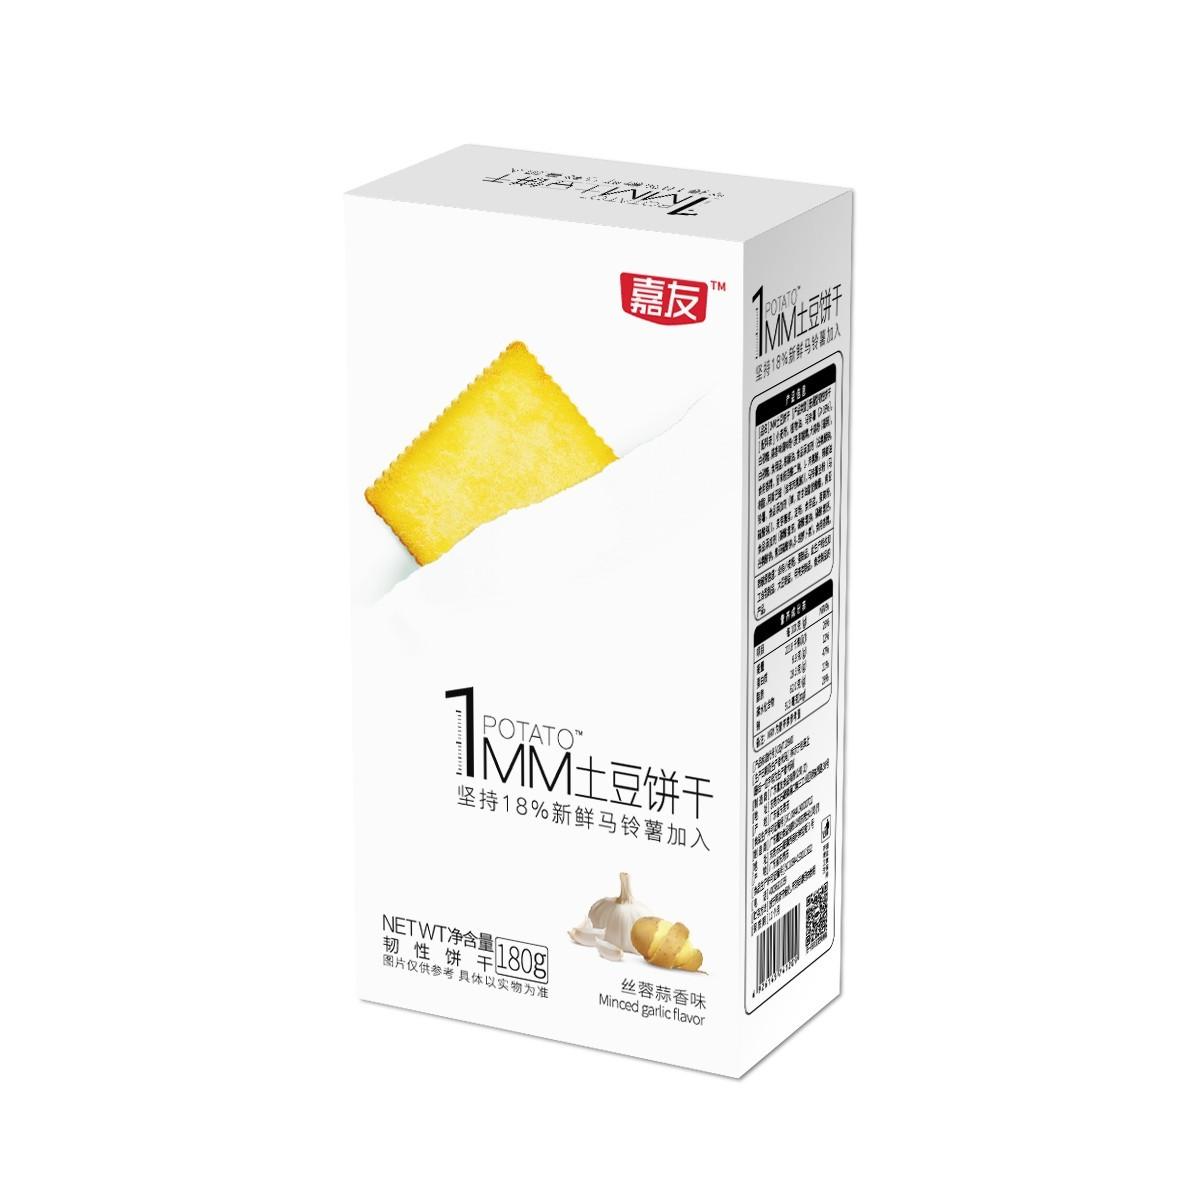 1MM薄饼丝蓉蒜香味